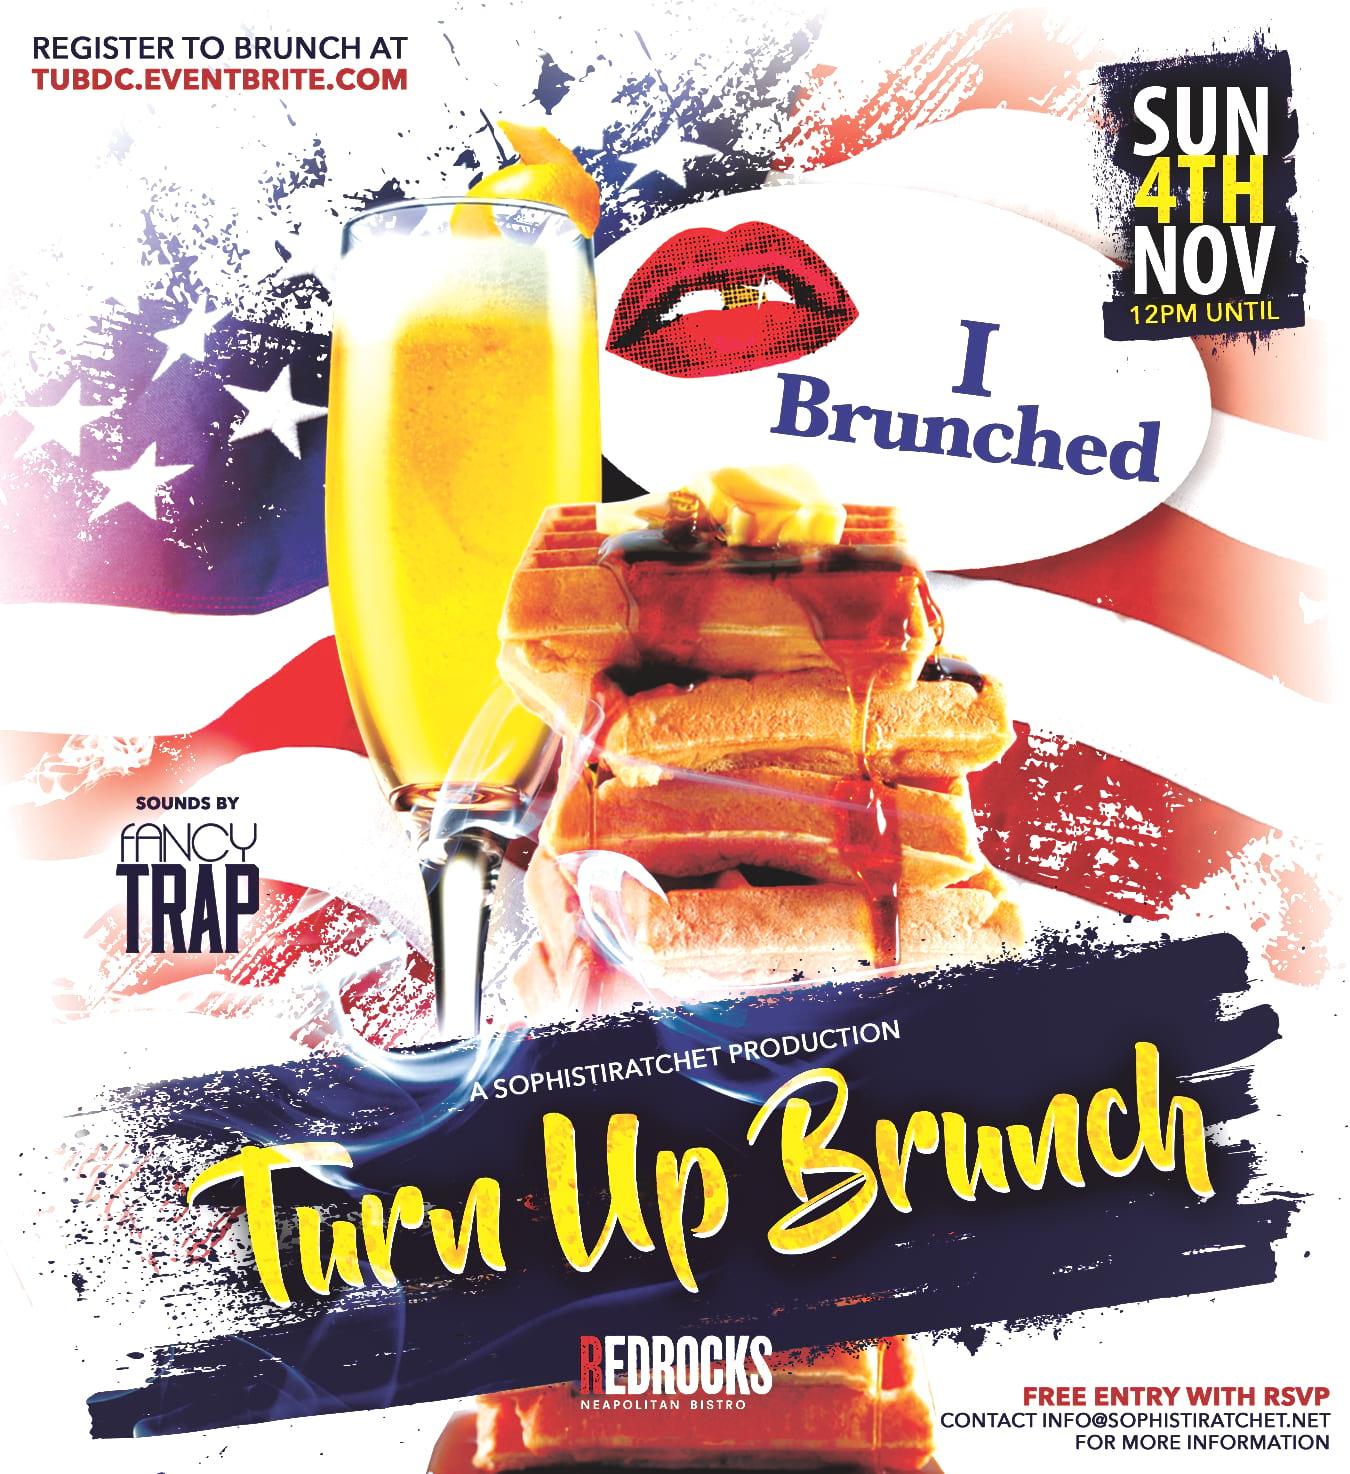 Turn Up Brunch - I Brunched